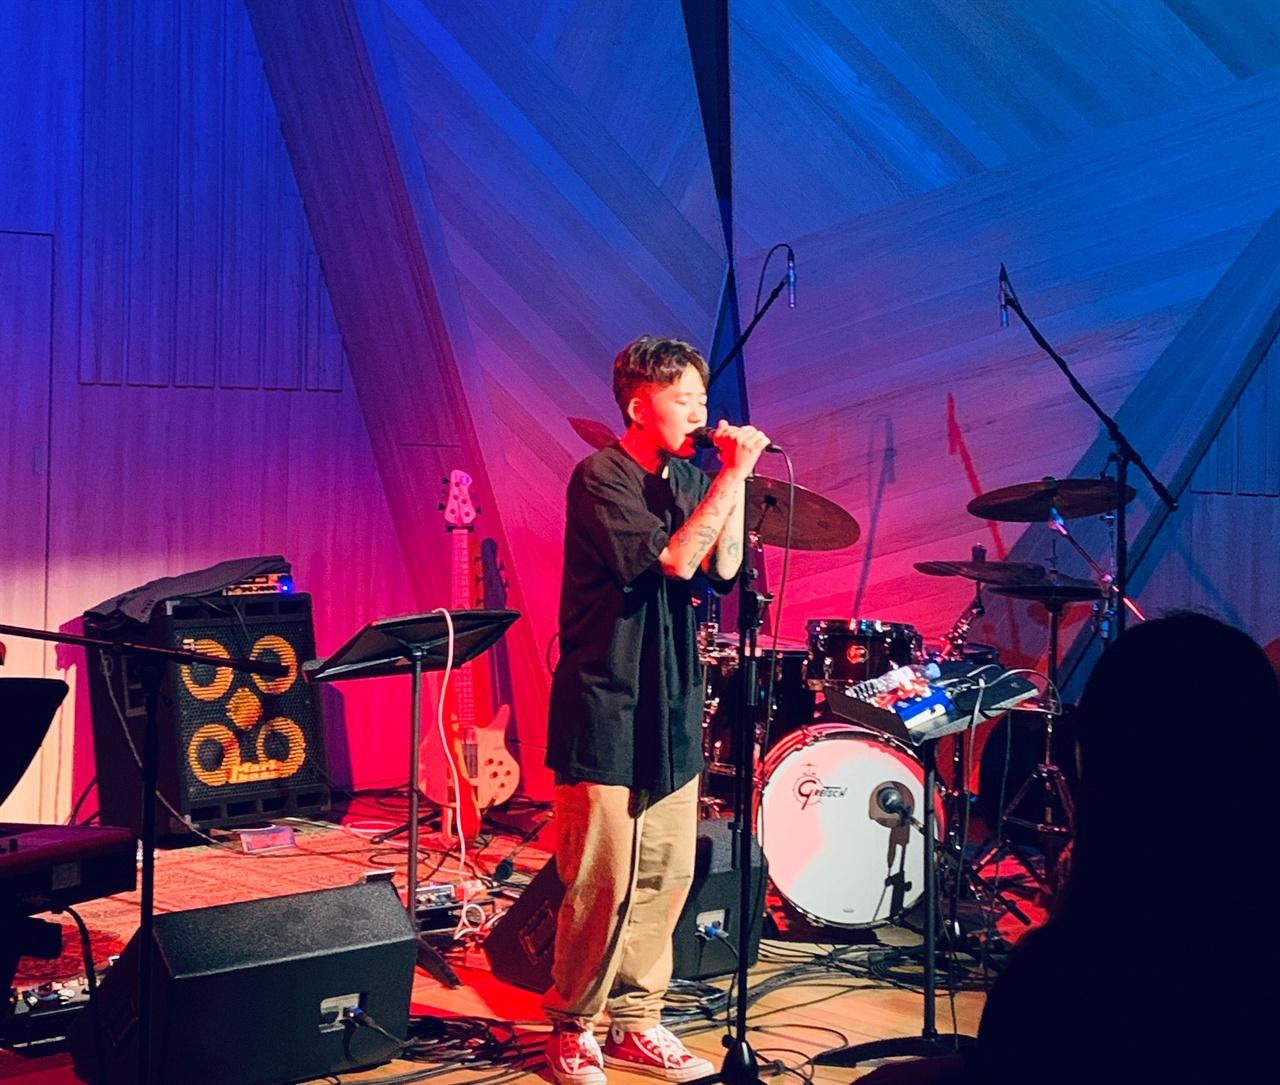 남메아리밴드 1집발매 기념공연 'Your Blues'에서 노래하는 래퍼 슬릭.